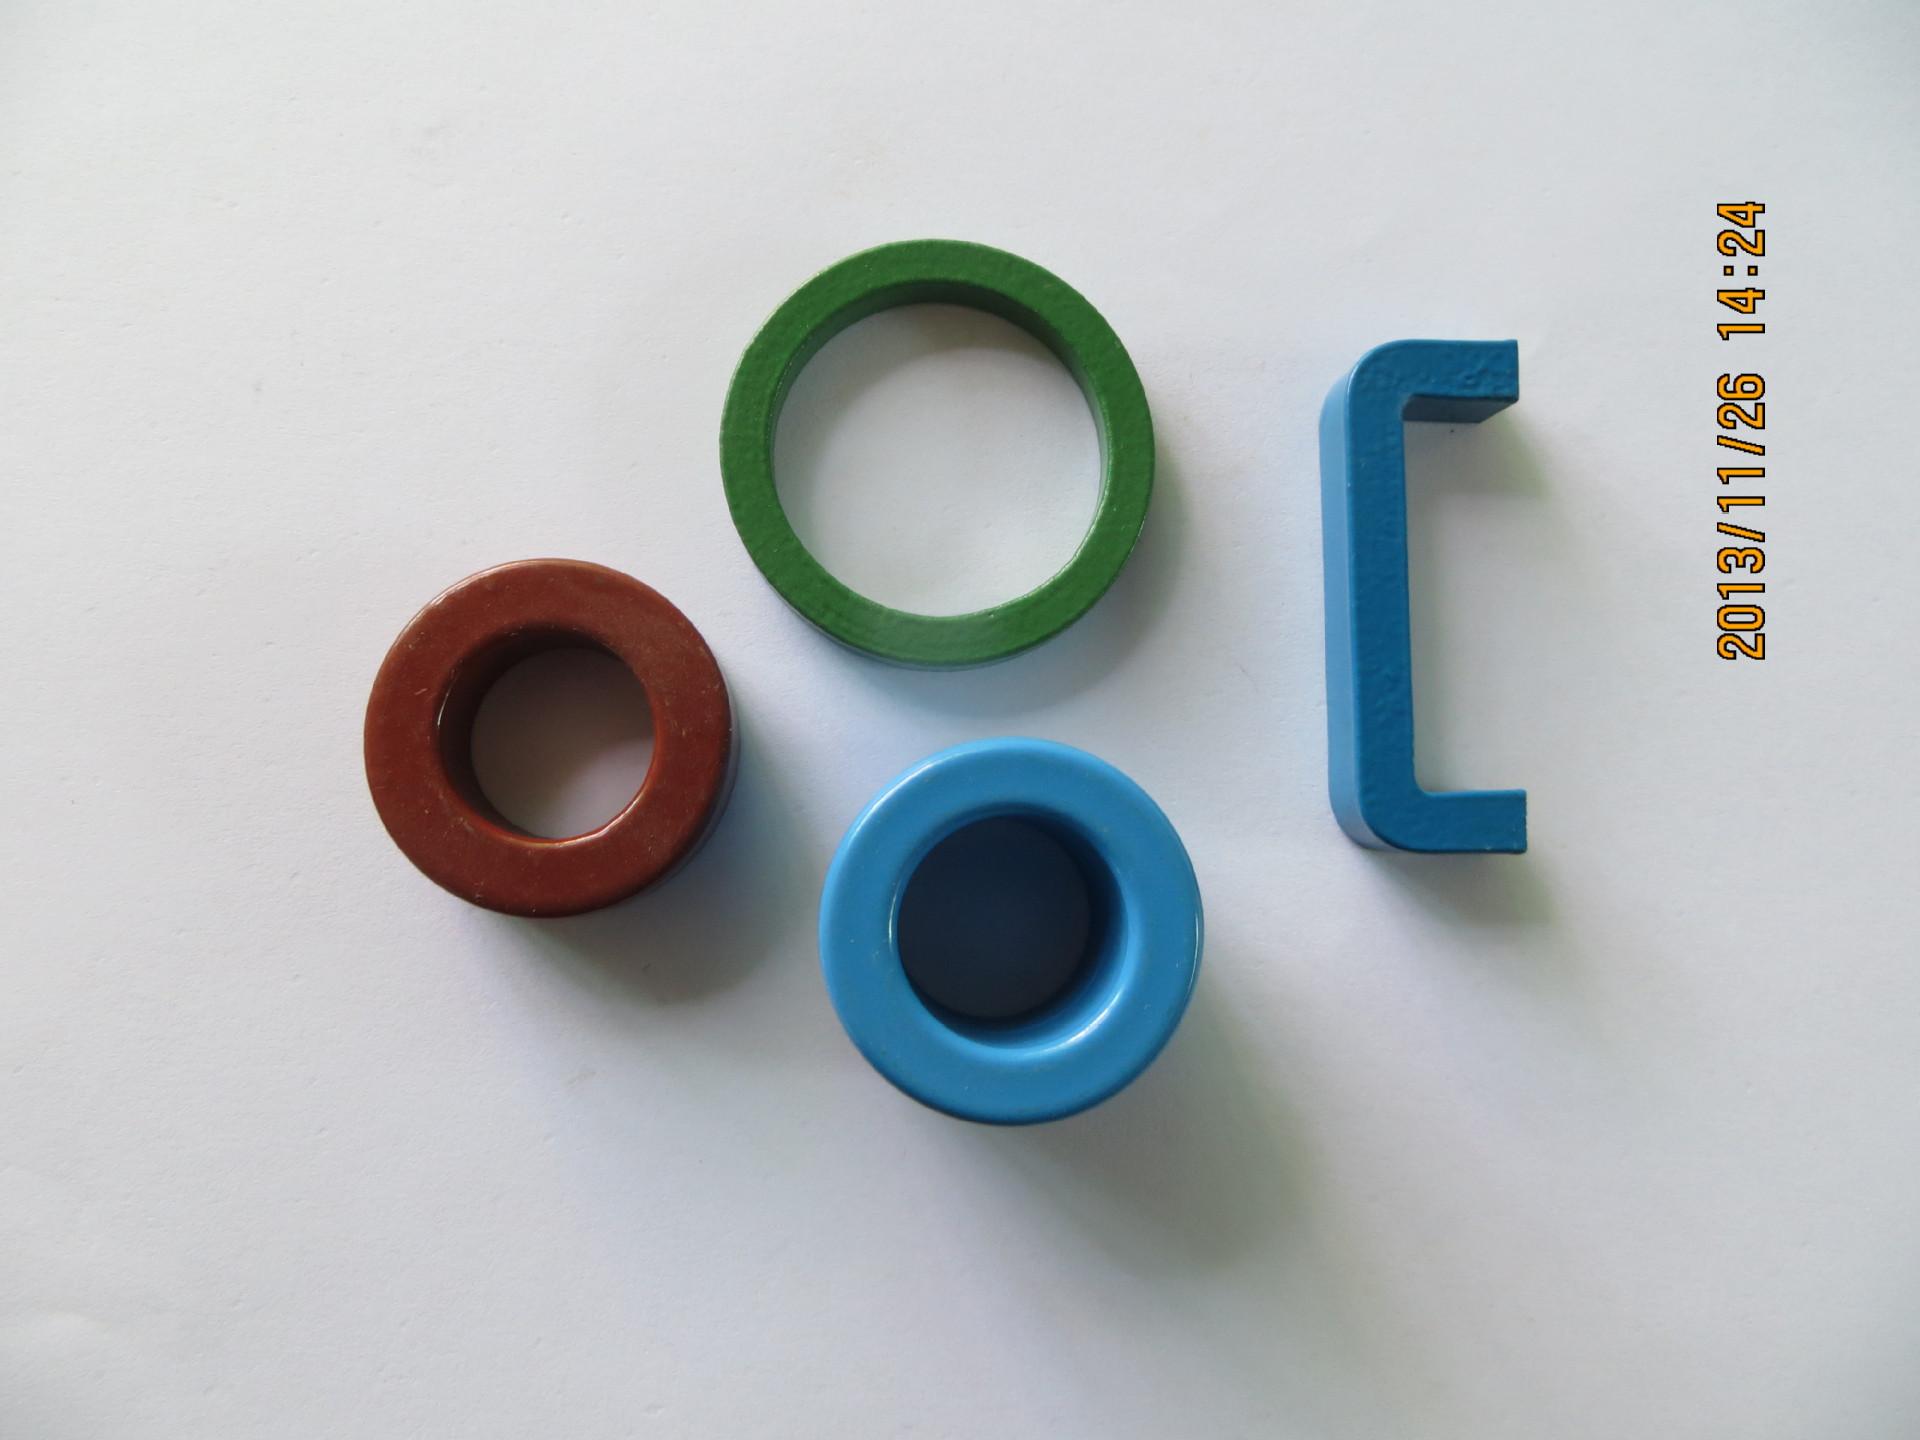 铁硅铝磁环绝缘料 环氧油漆